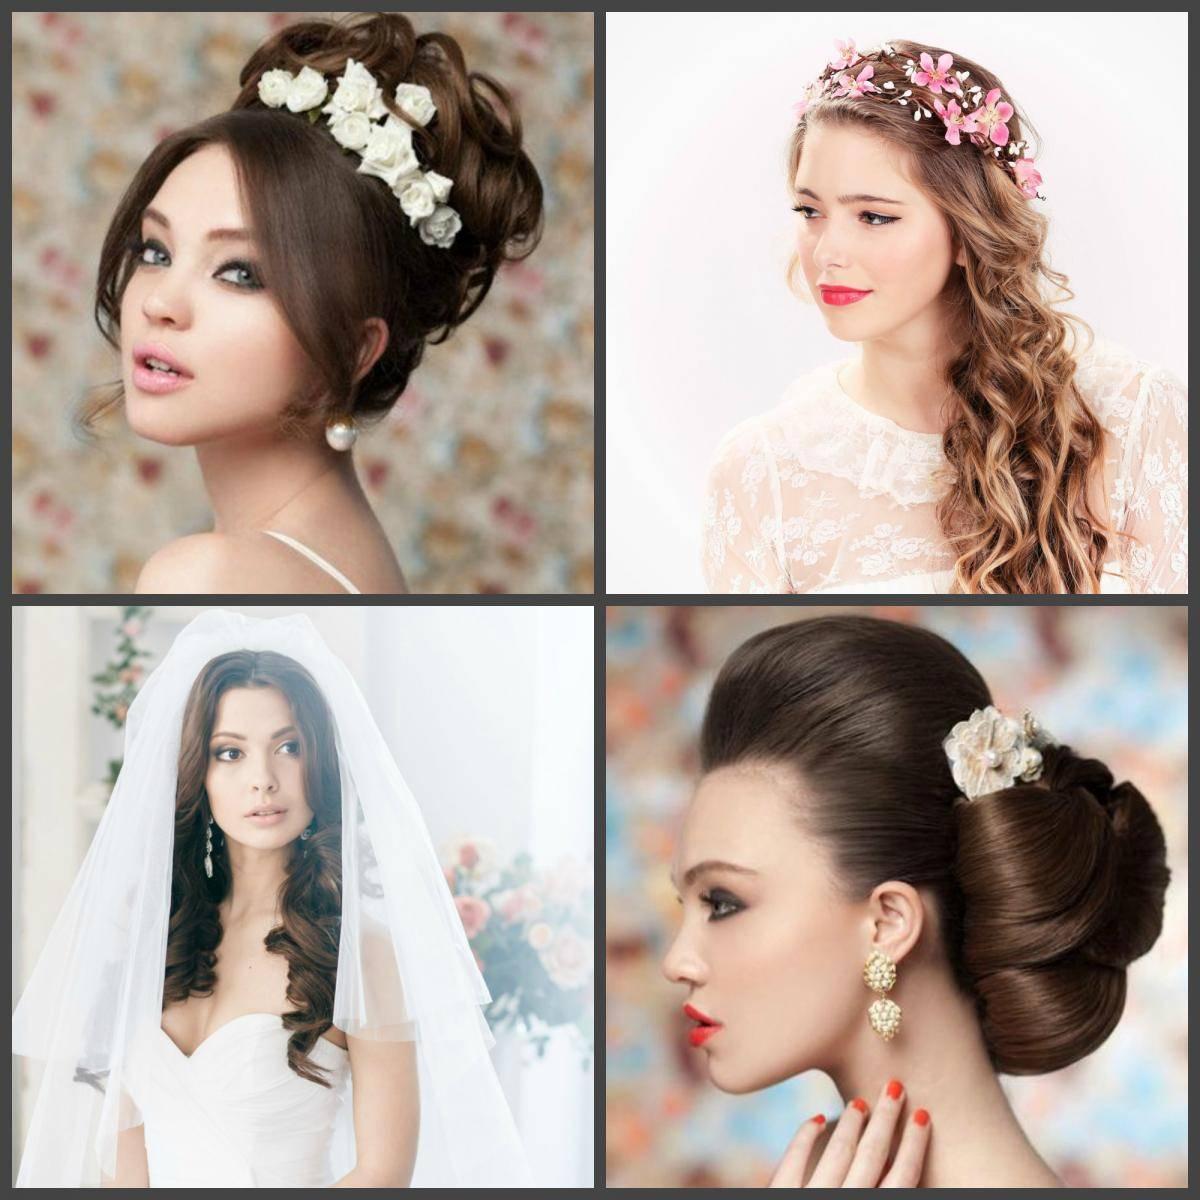 Как правильно подобрать украшения для свадебной прически